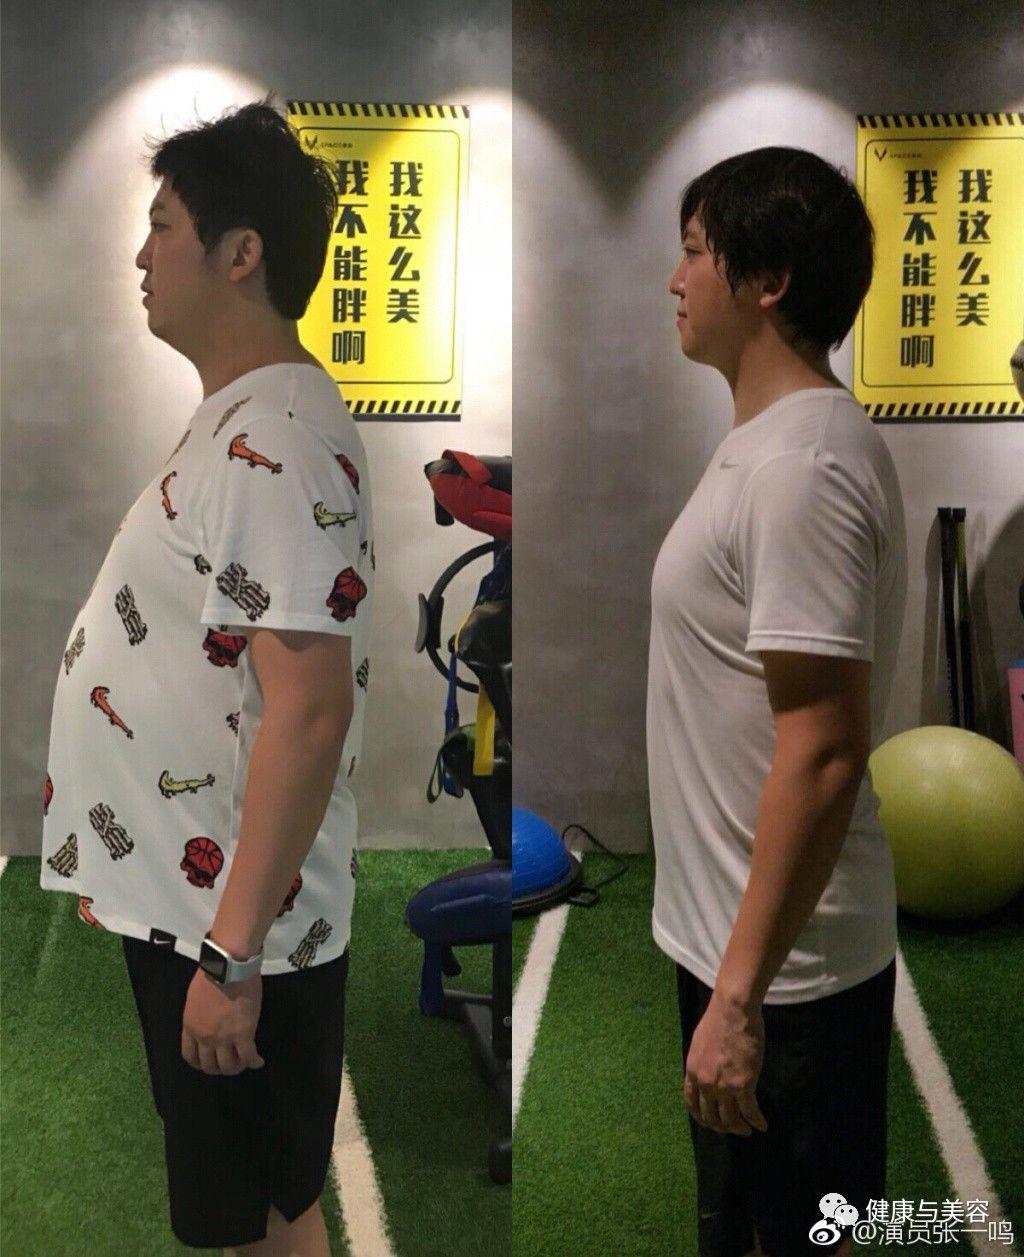 《西虹市首富》是一部励志的减肥片!增肥40斤后